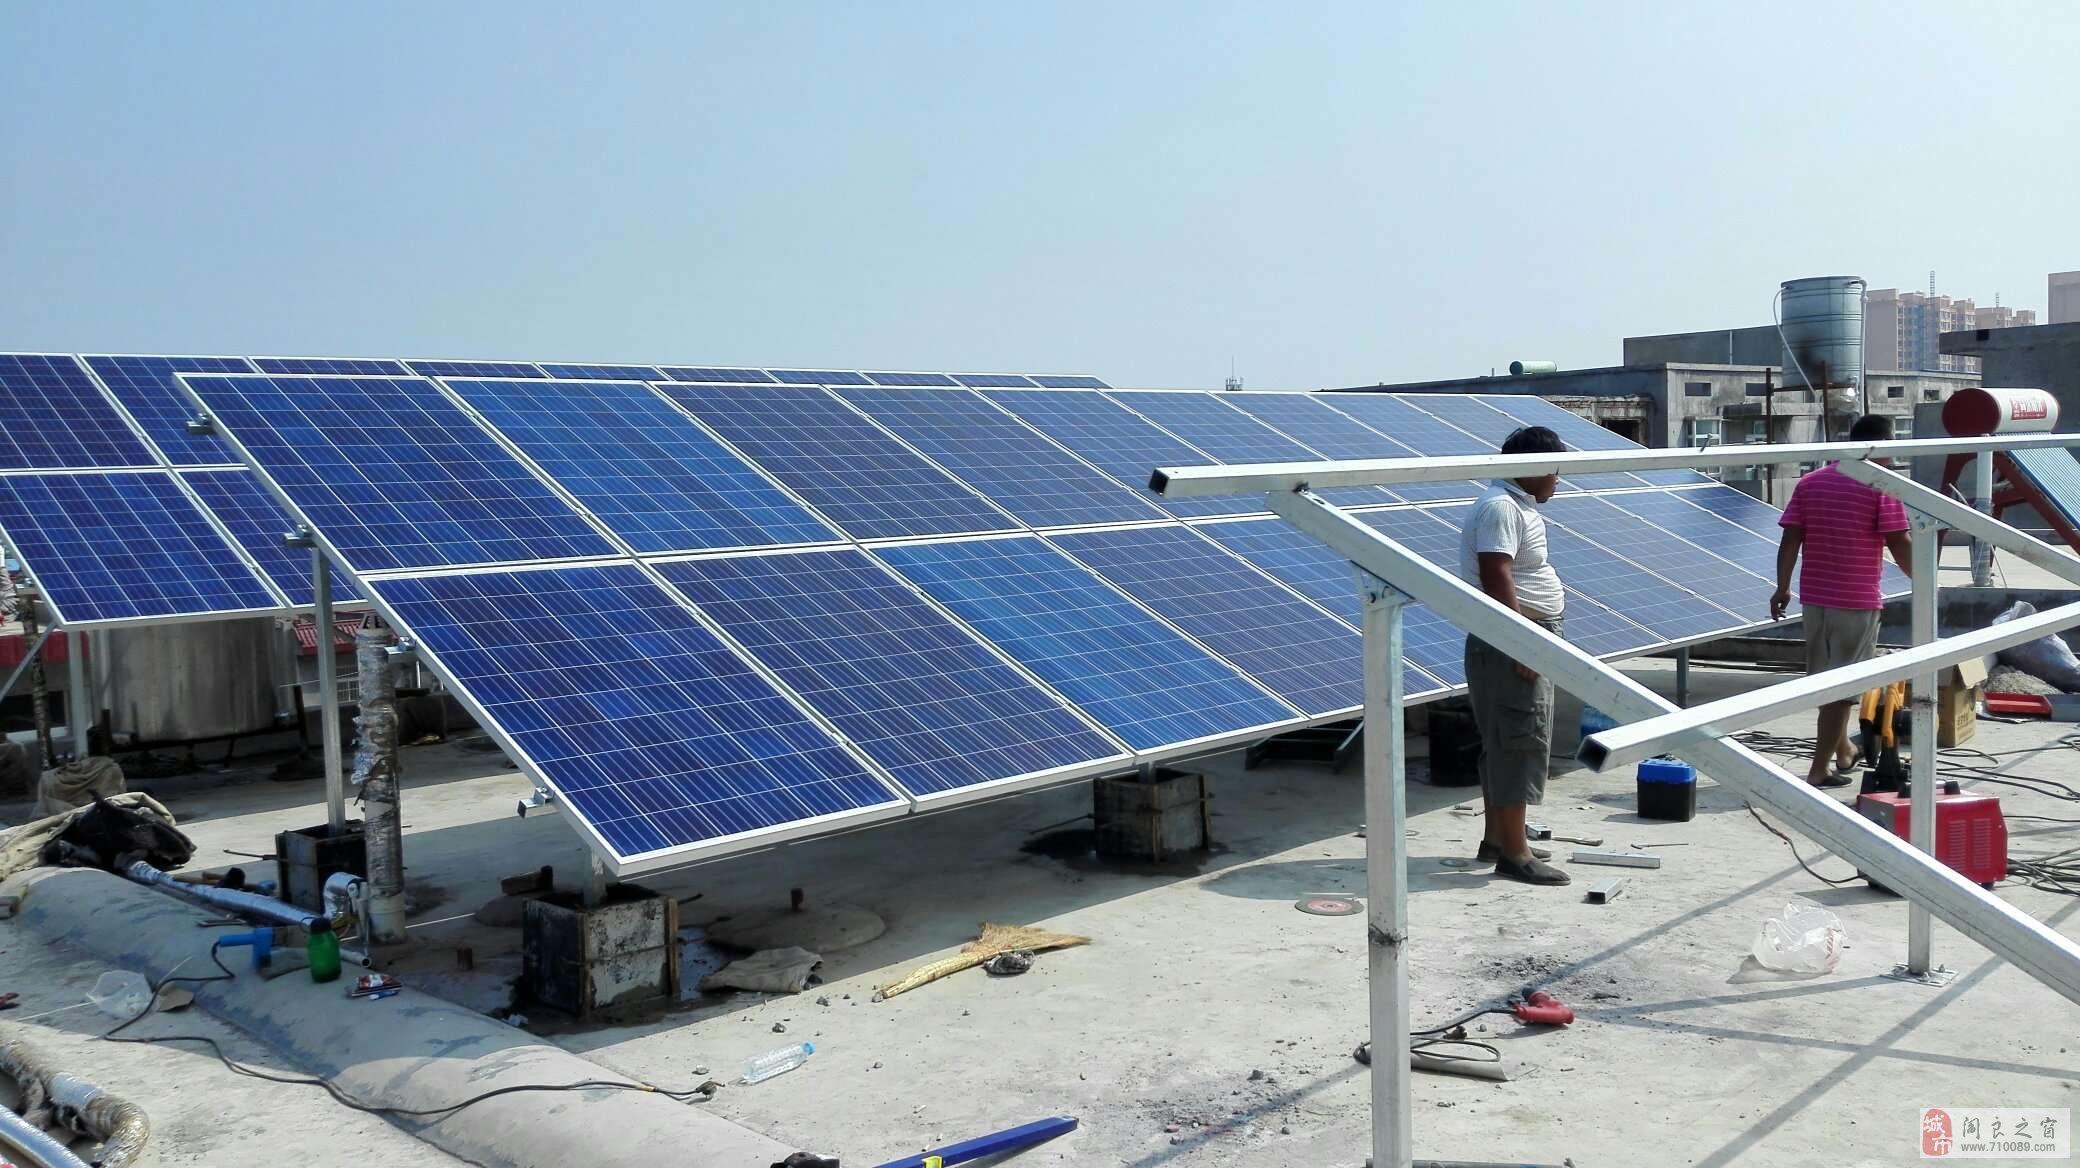 分布式光伏太阳能发电